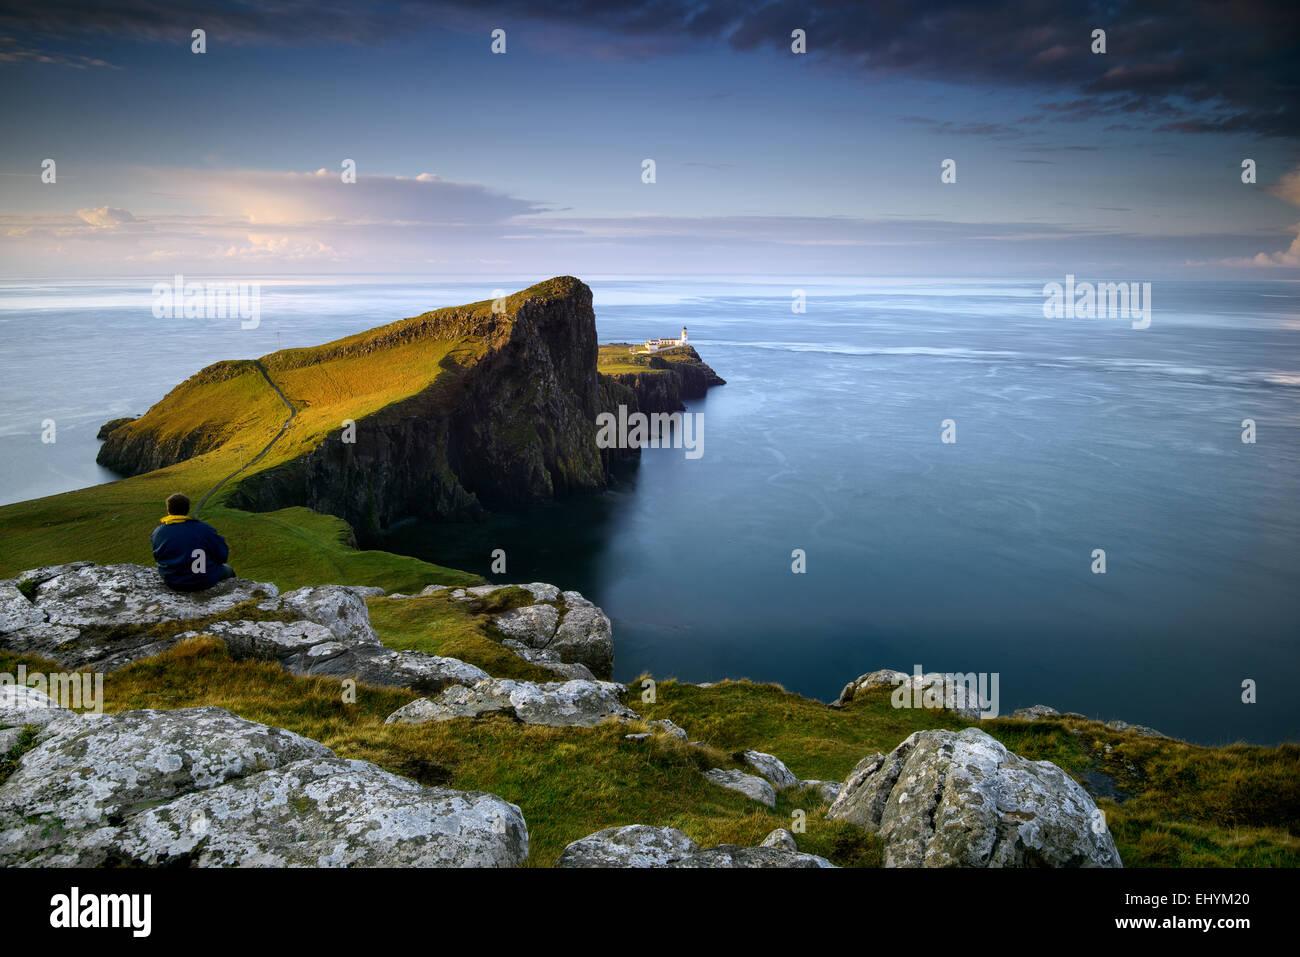 Mitad hombre adulto sentado en una roca mirando al mar en Neist Point, Escocia Imagen De Stock